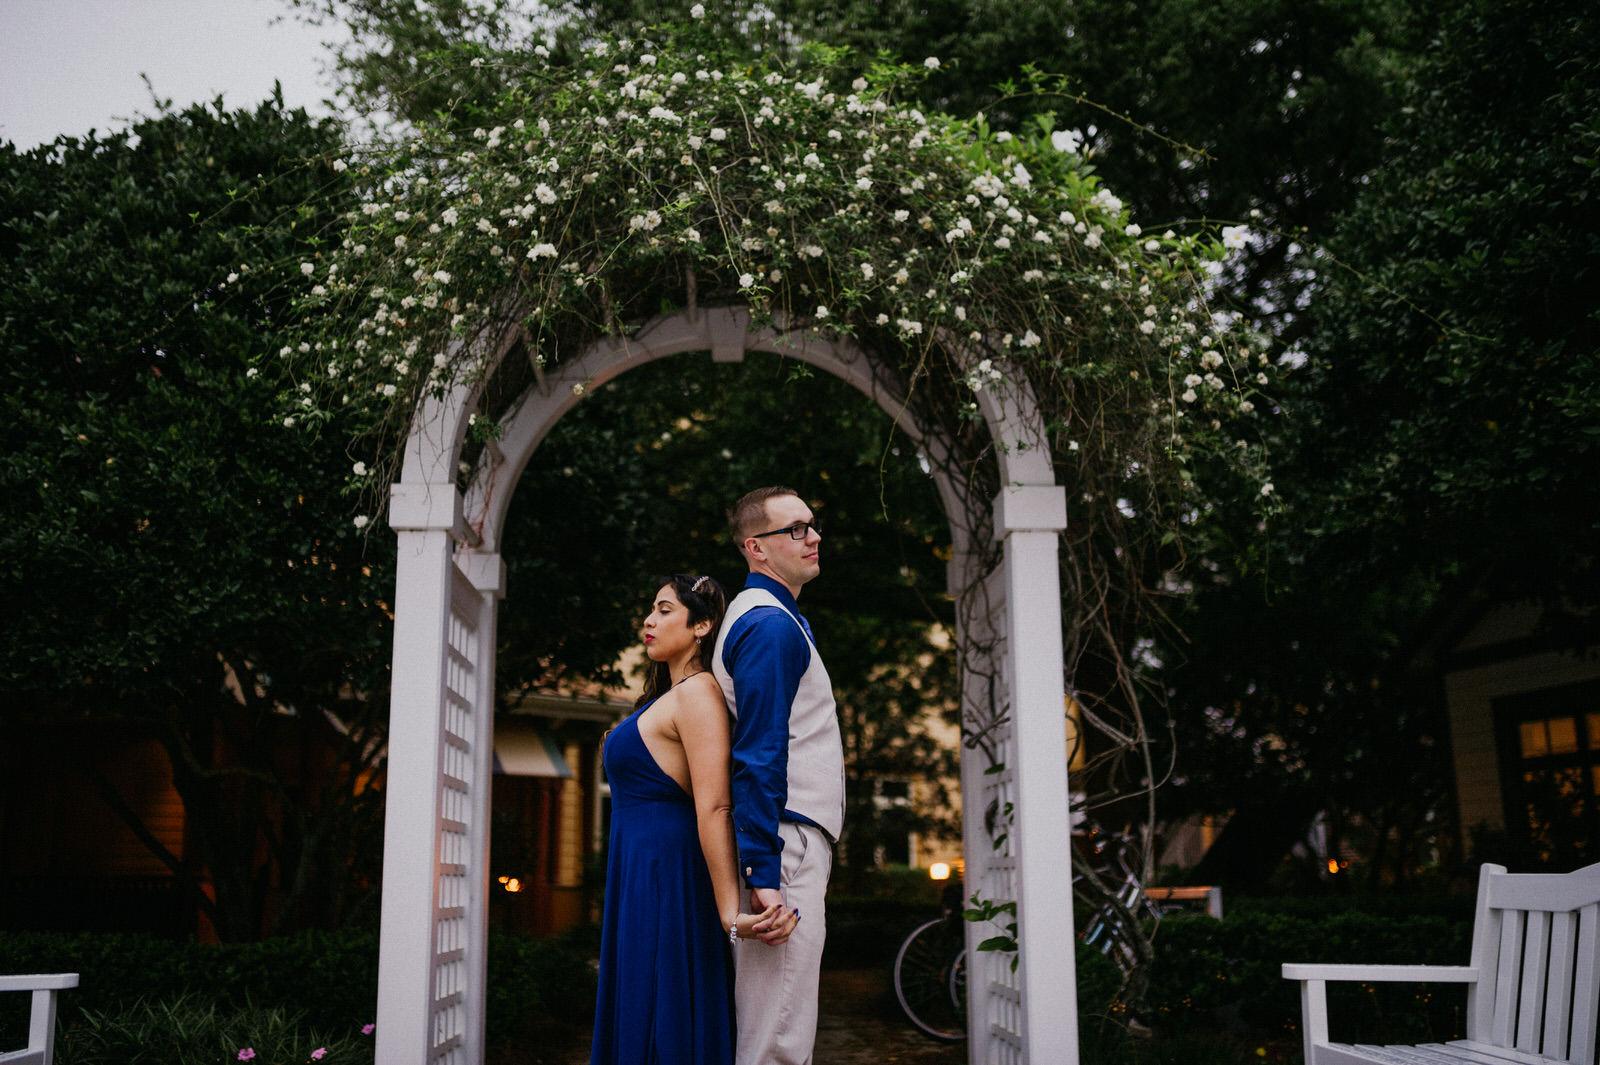 Donia&David'sEngagement49.jpg